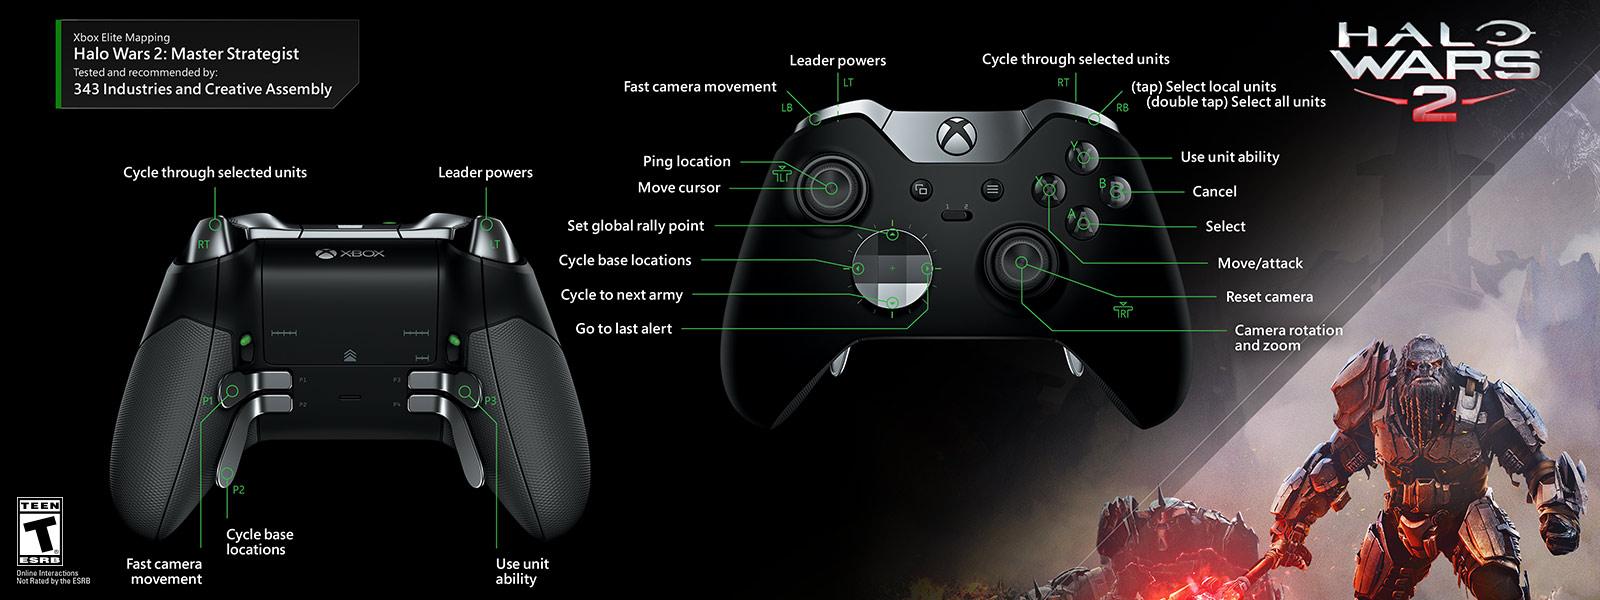 Halo Wars 2 – Master Strategist